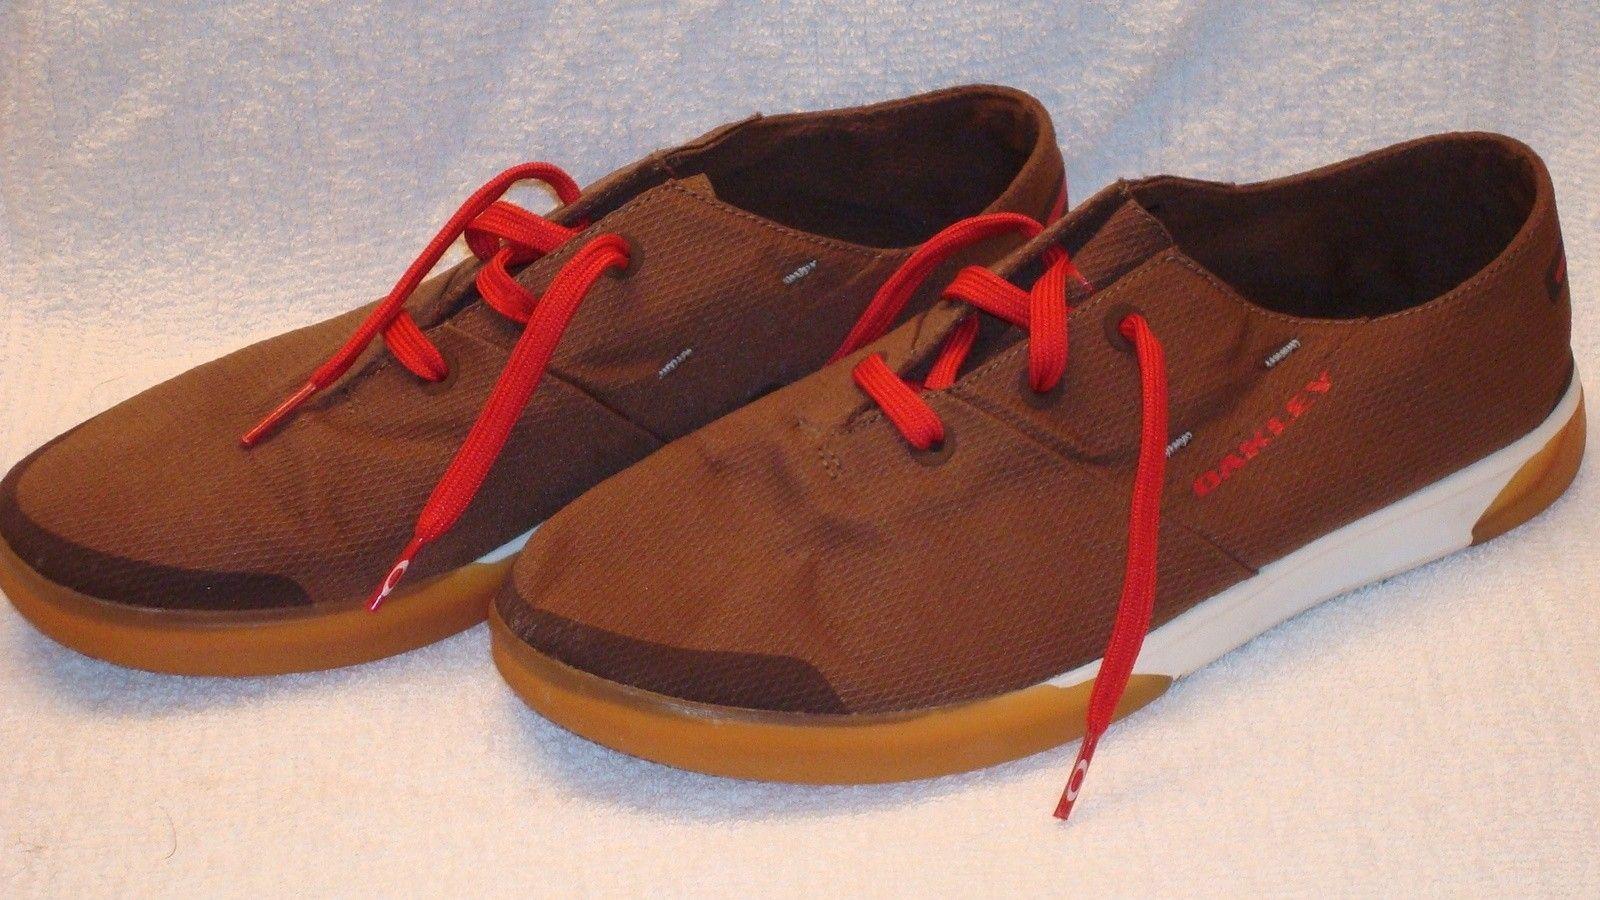 2 pairs of unreleased prototype Oakley shoes size 9 - DSC00493.JPG